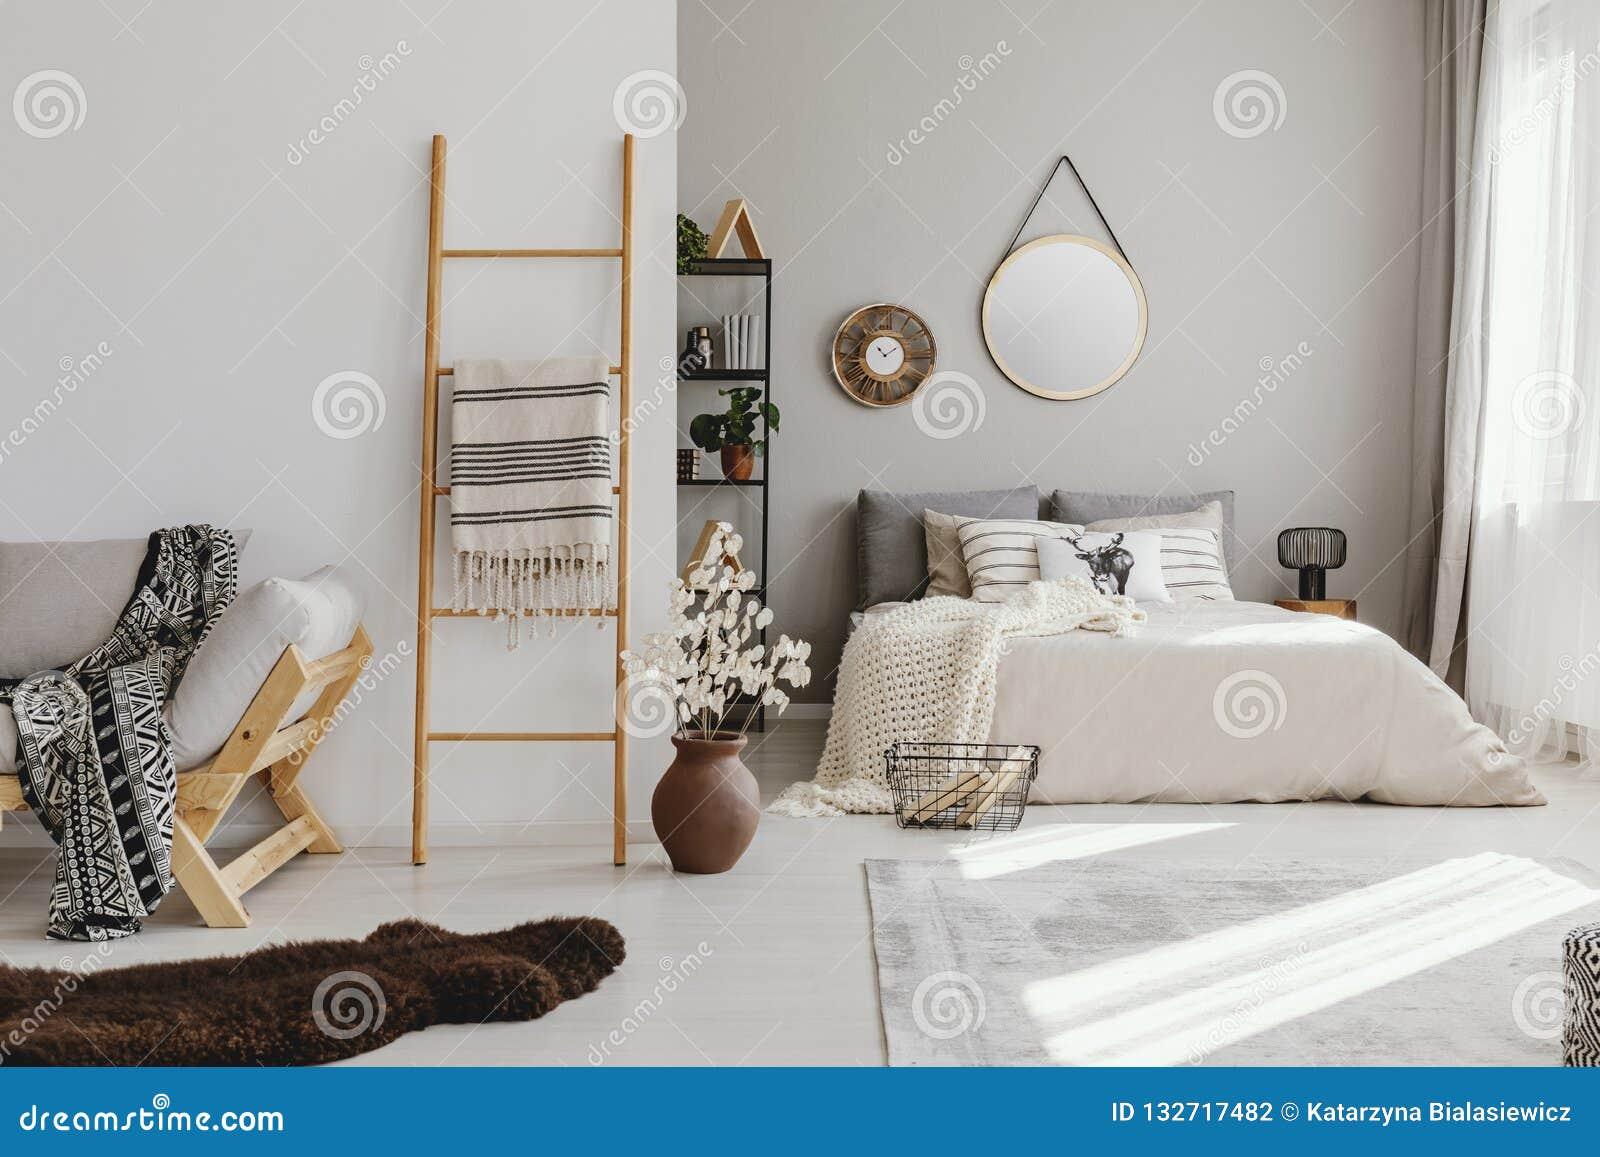 Dormitorio del espacio abierto interior con la ventana con las cortinas, el espejo y el reloj en la pared, escalera con la manta,